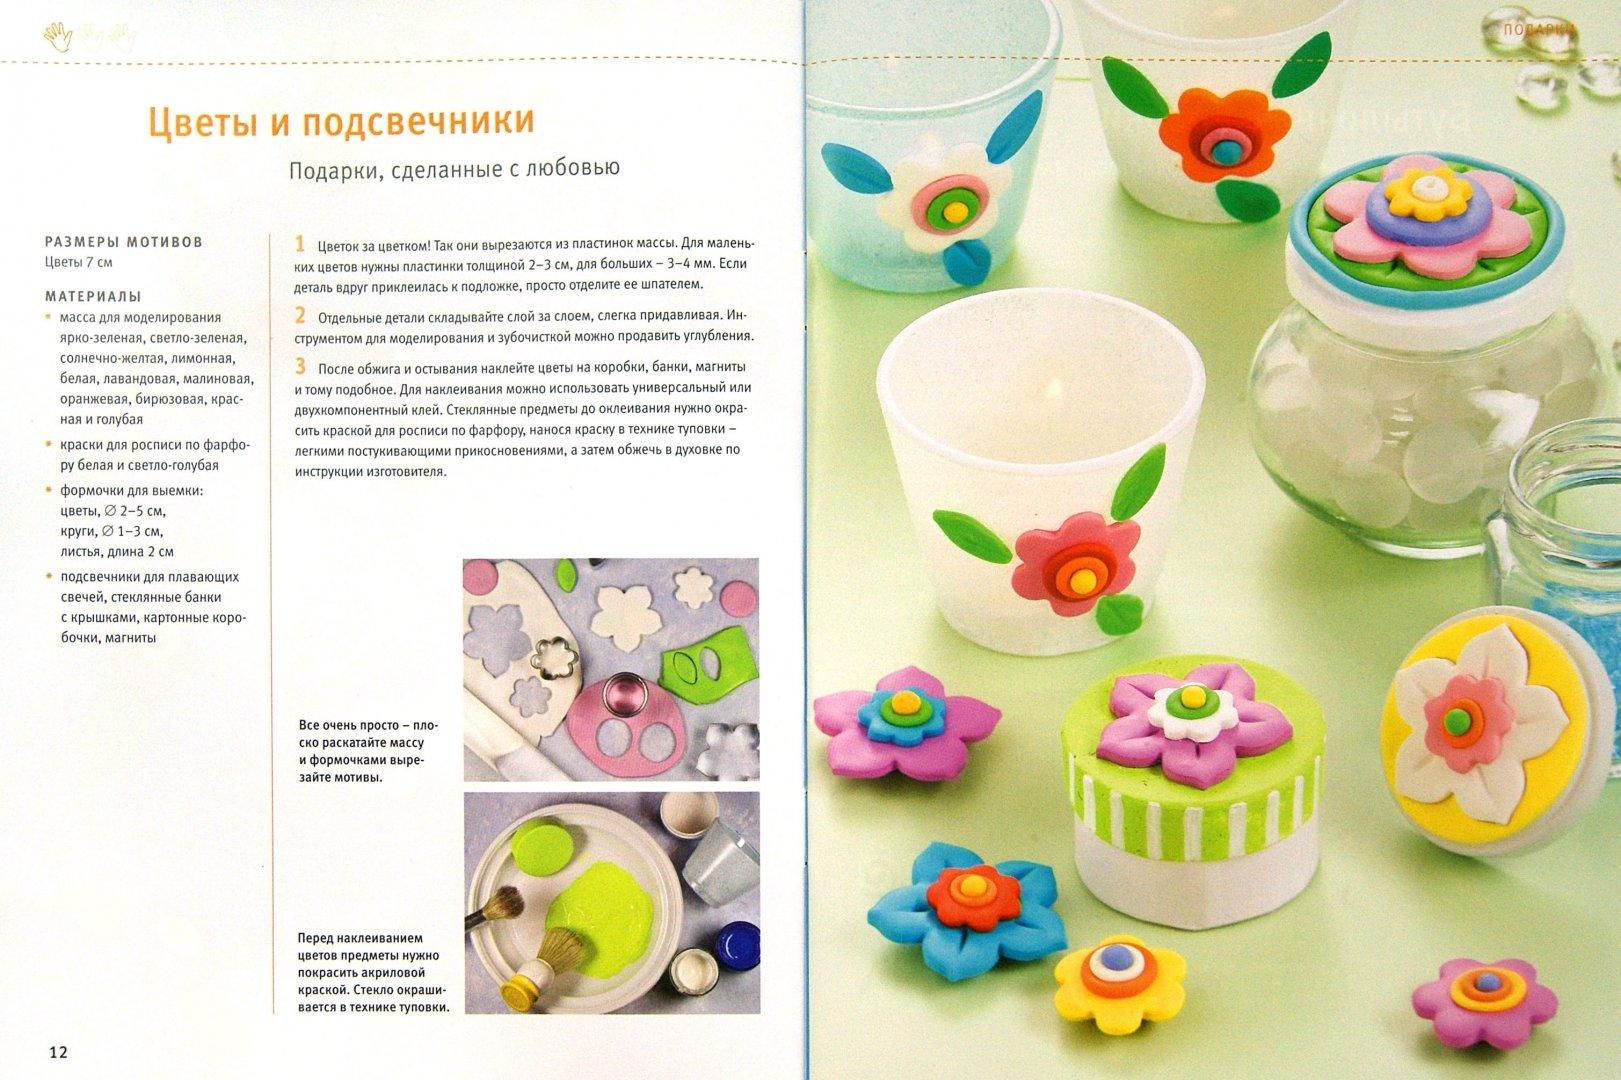 Иллюстрация 1 из 6 для Простые модели из FIMO. Украшения и предметы декора для детей - Пиа Педевилла   Лабиринт - книги. Источник: Лабиринт